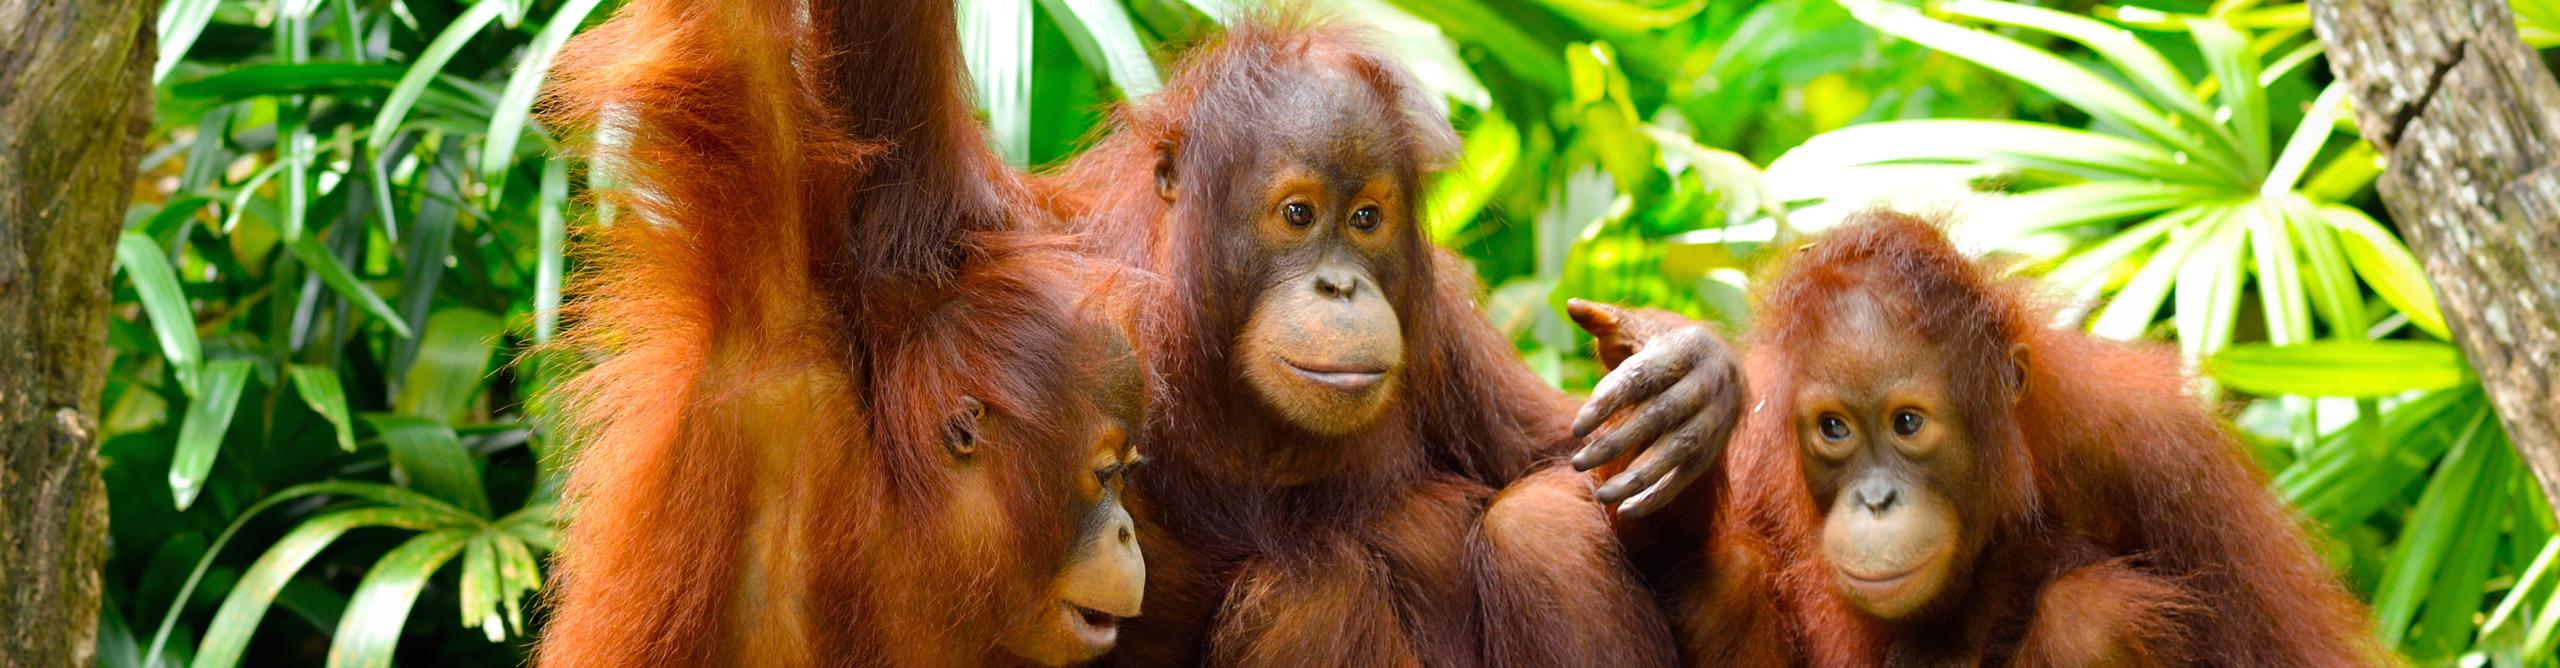 OrangutansDry